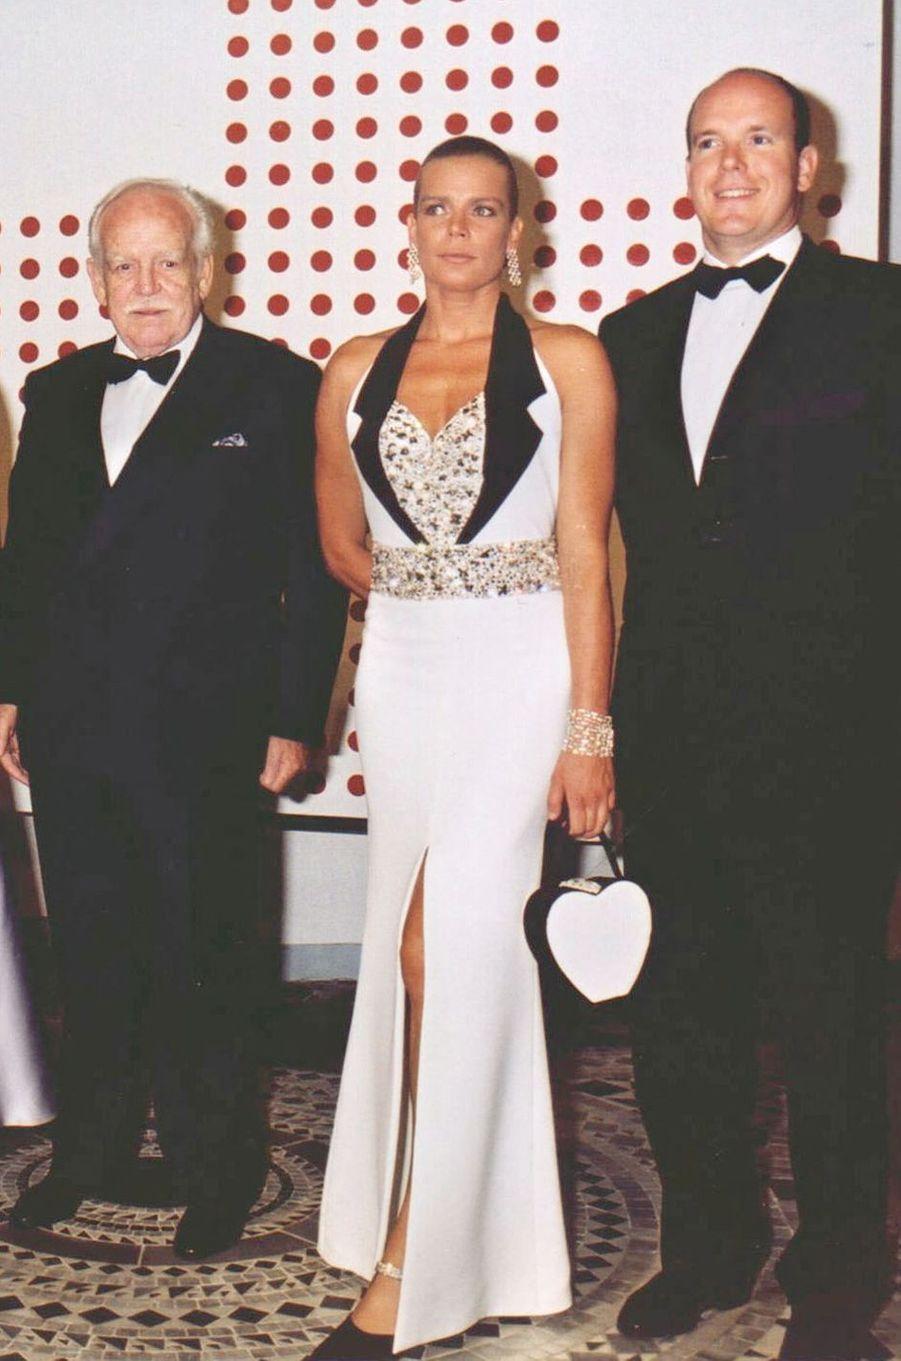 La princesse Stéphanie de Monaco au bal de la Croix-Rouge en août 2000